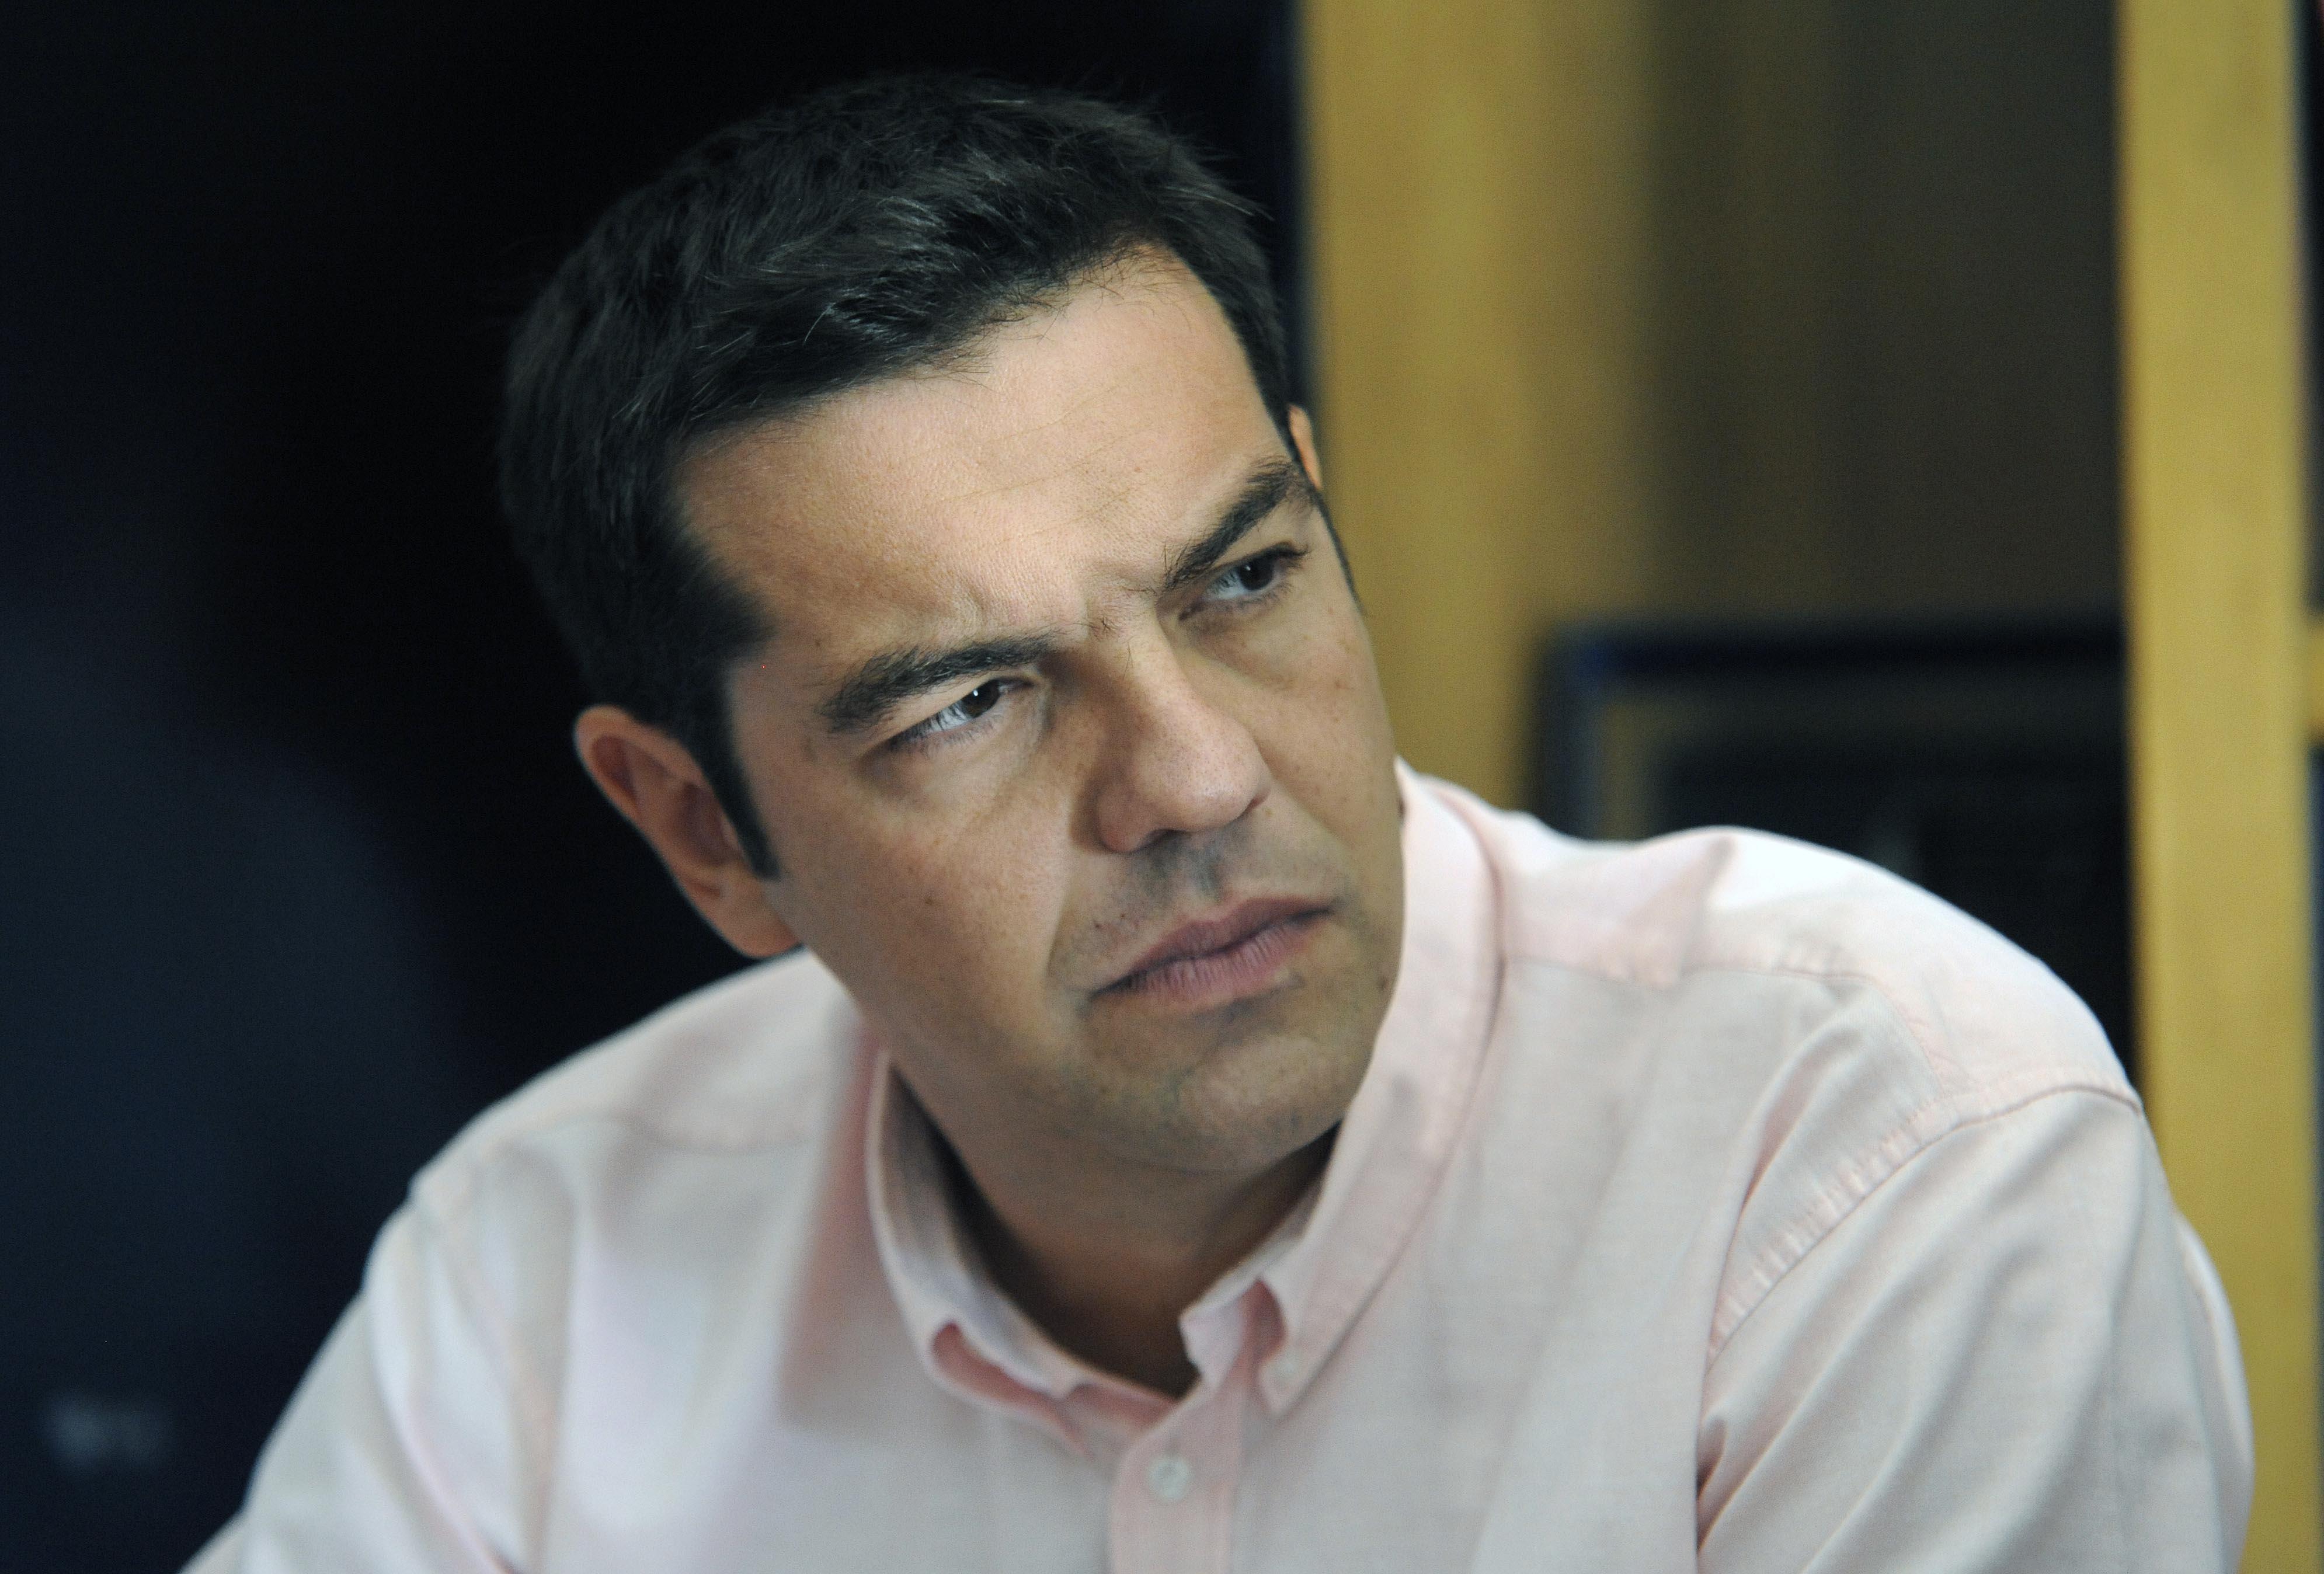 Αλ. Τσίπρας: Η κυβέρνηση συνεχίζει την βάρβαρη, εγκληματική, μνημονιακή της πολιτική